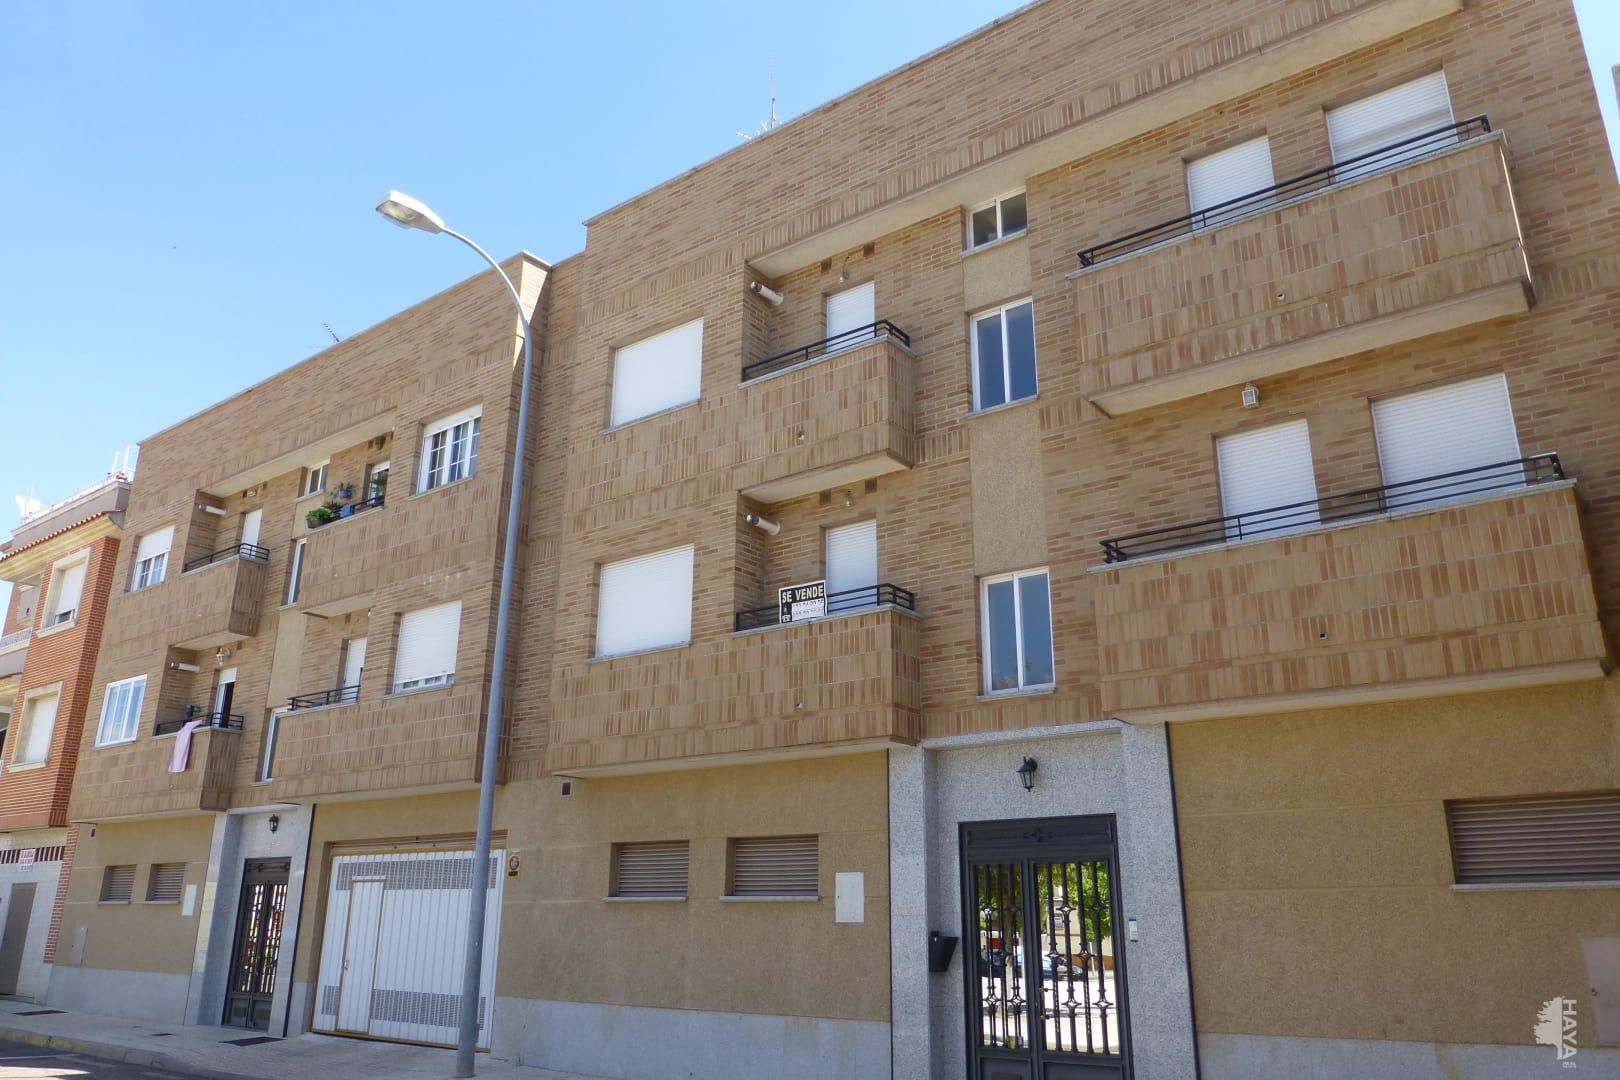 Piso en venta en Puente Ladrillo, Salamanca, Salamanca, Calle Nuestra Señora de la Asuncion, 67.900 €, 1 habitación, 1 baño, 59 m2